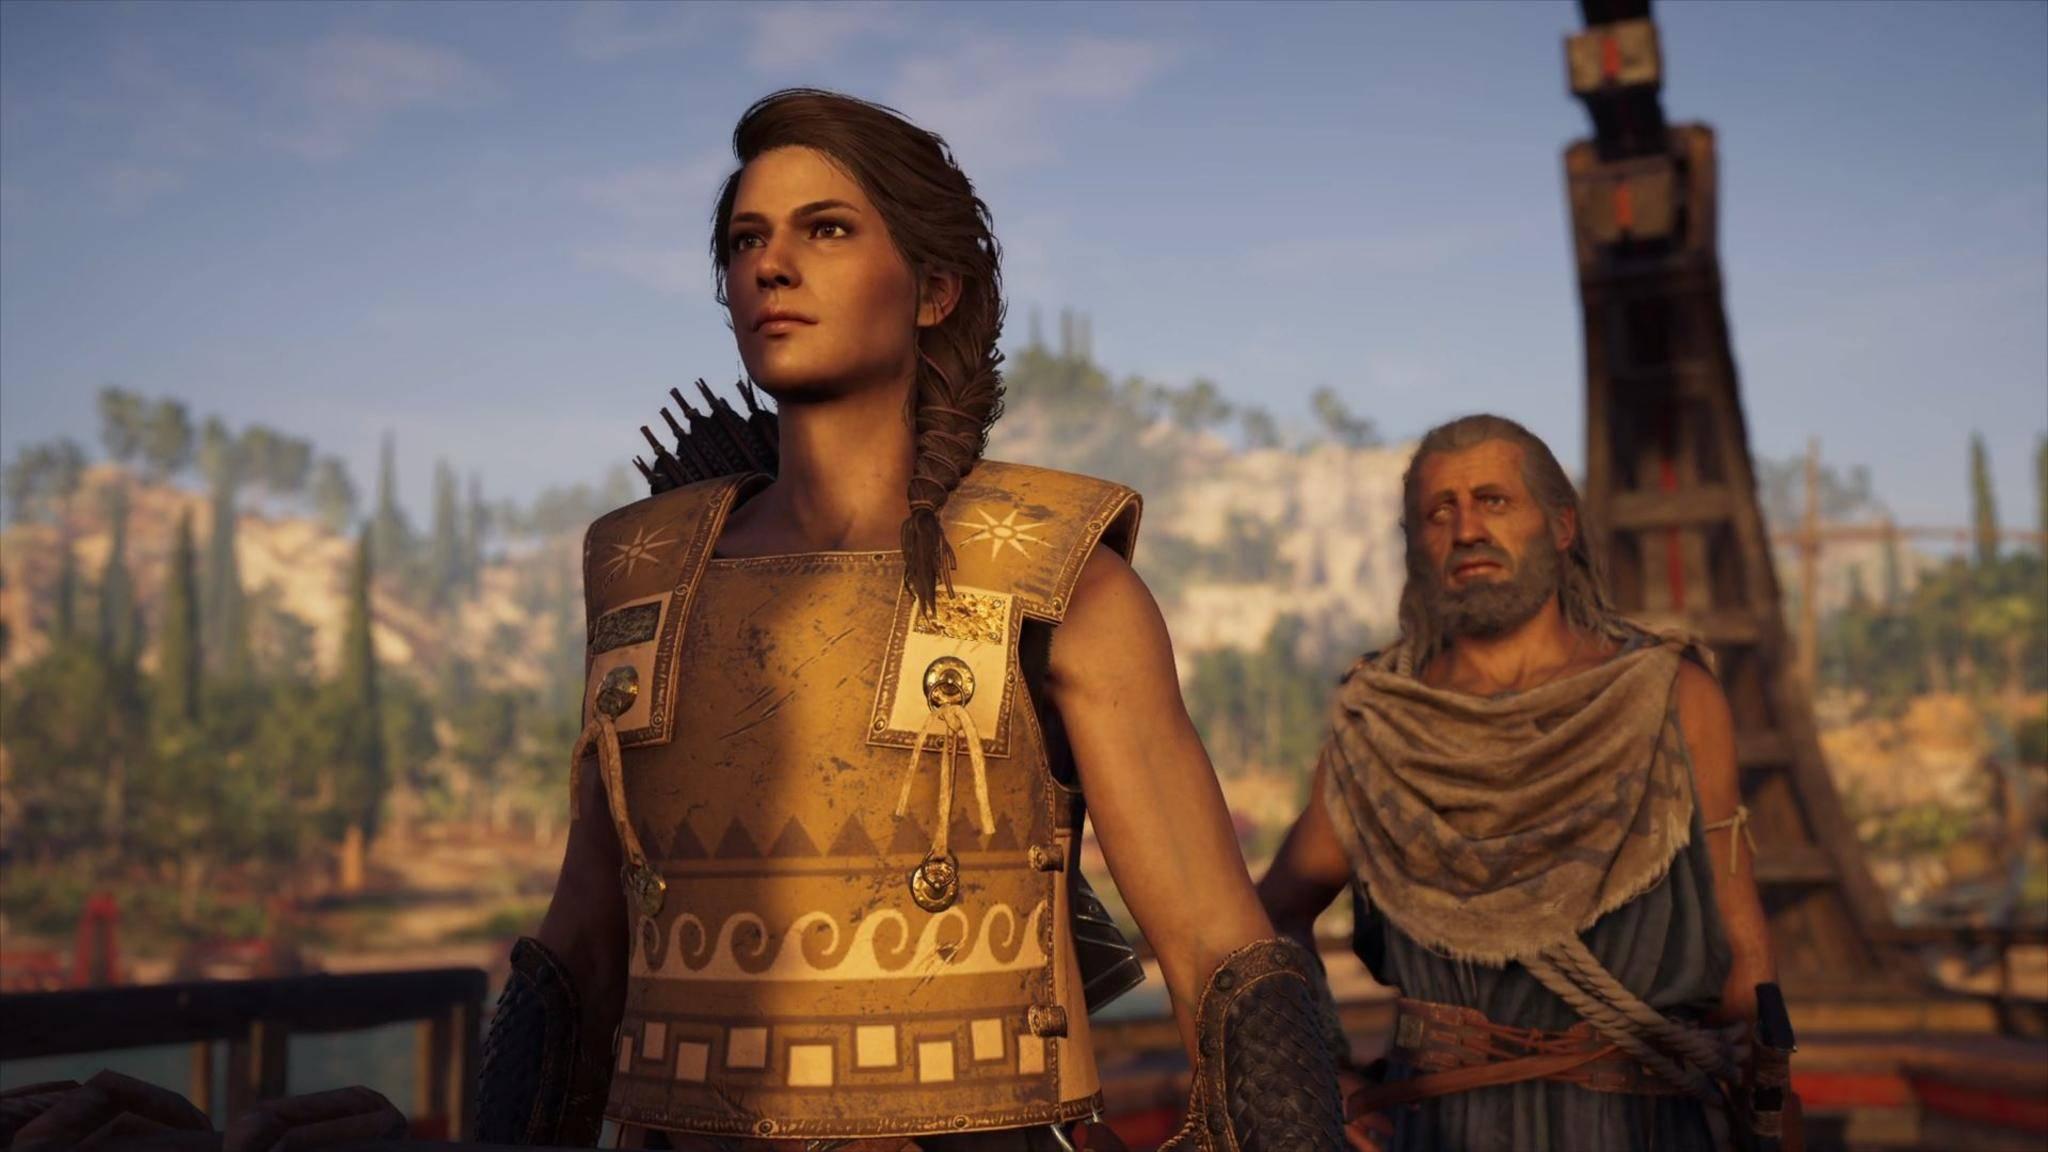 """""""Assassin's Creed Odyssey"""" kannst Du bald noch einmal ganz von vorn erleben – mit allen Vorteilen eines übermächtigen Endgame-Charakters."""